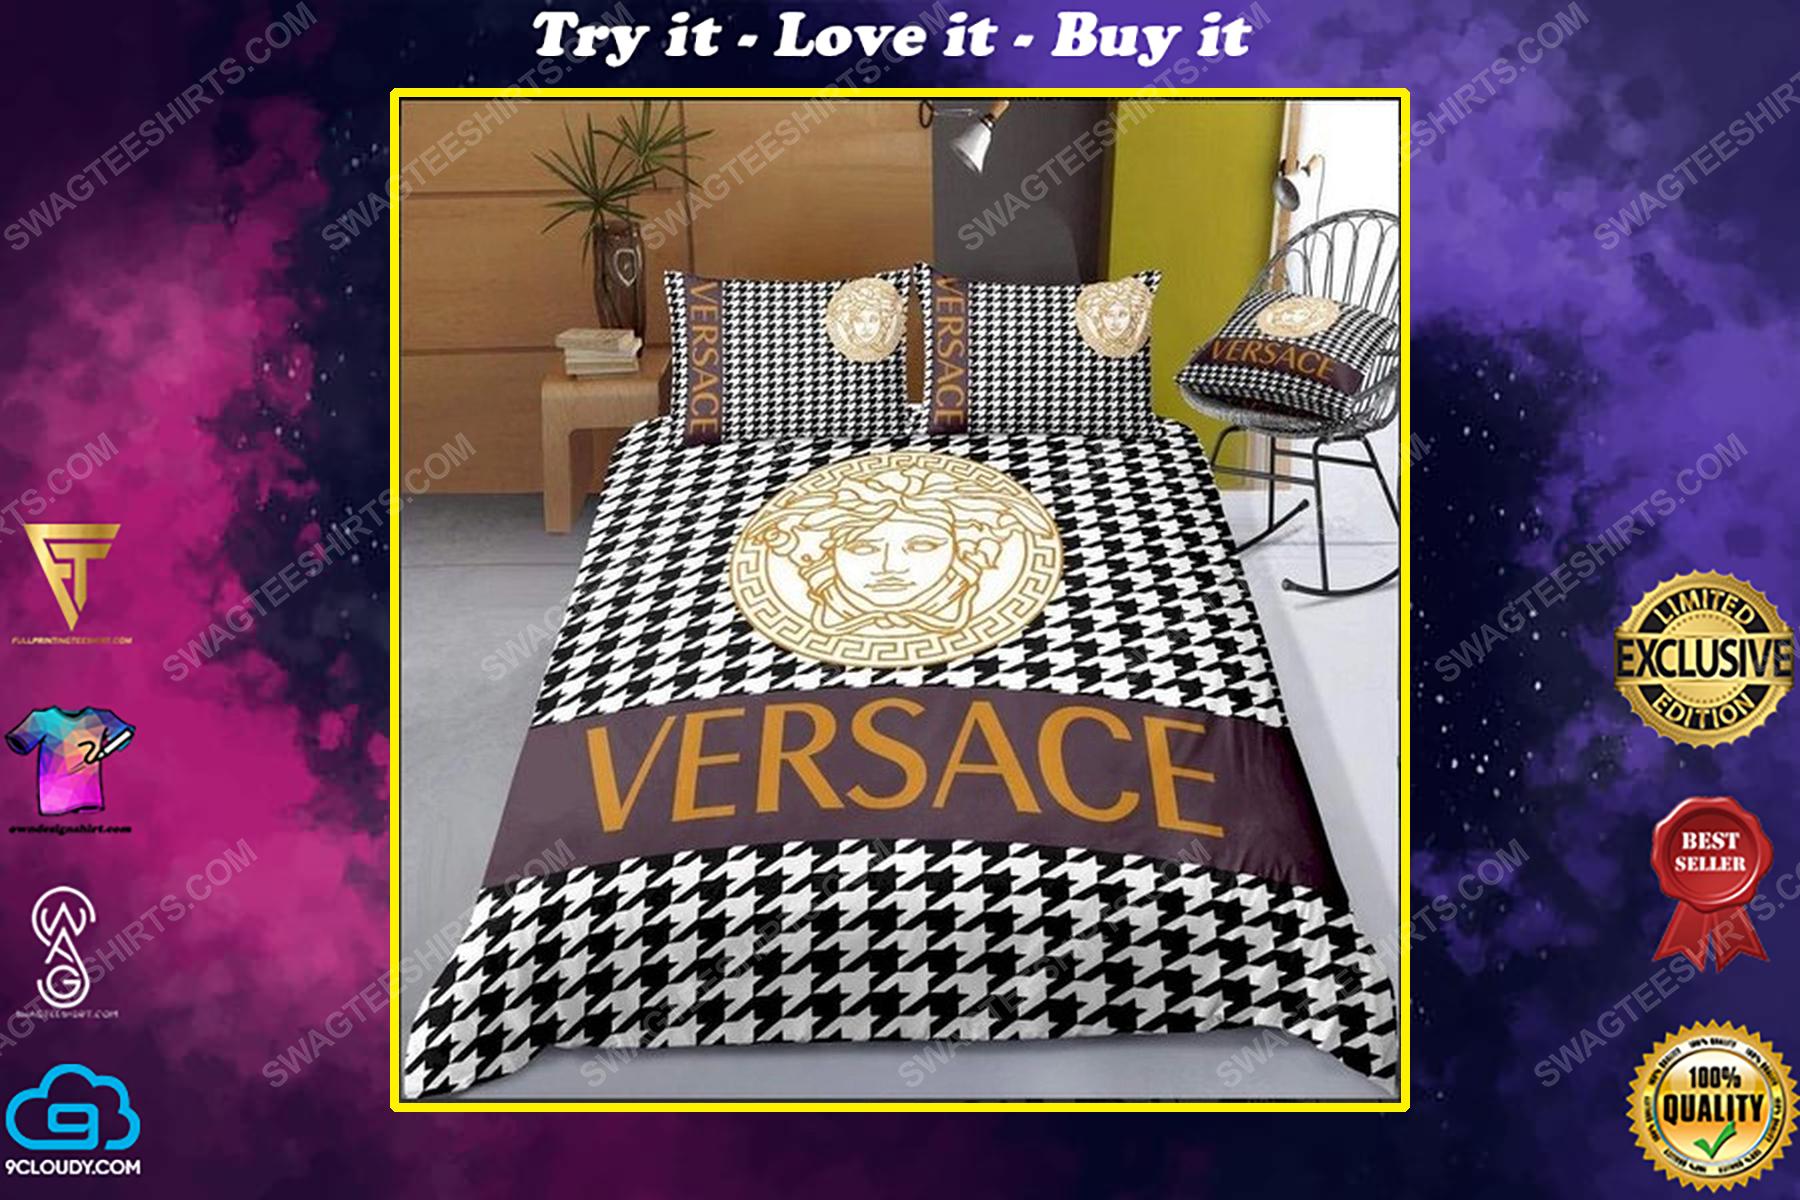 Versace home monogram full print duvet cover bedding set